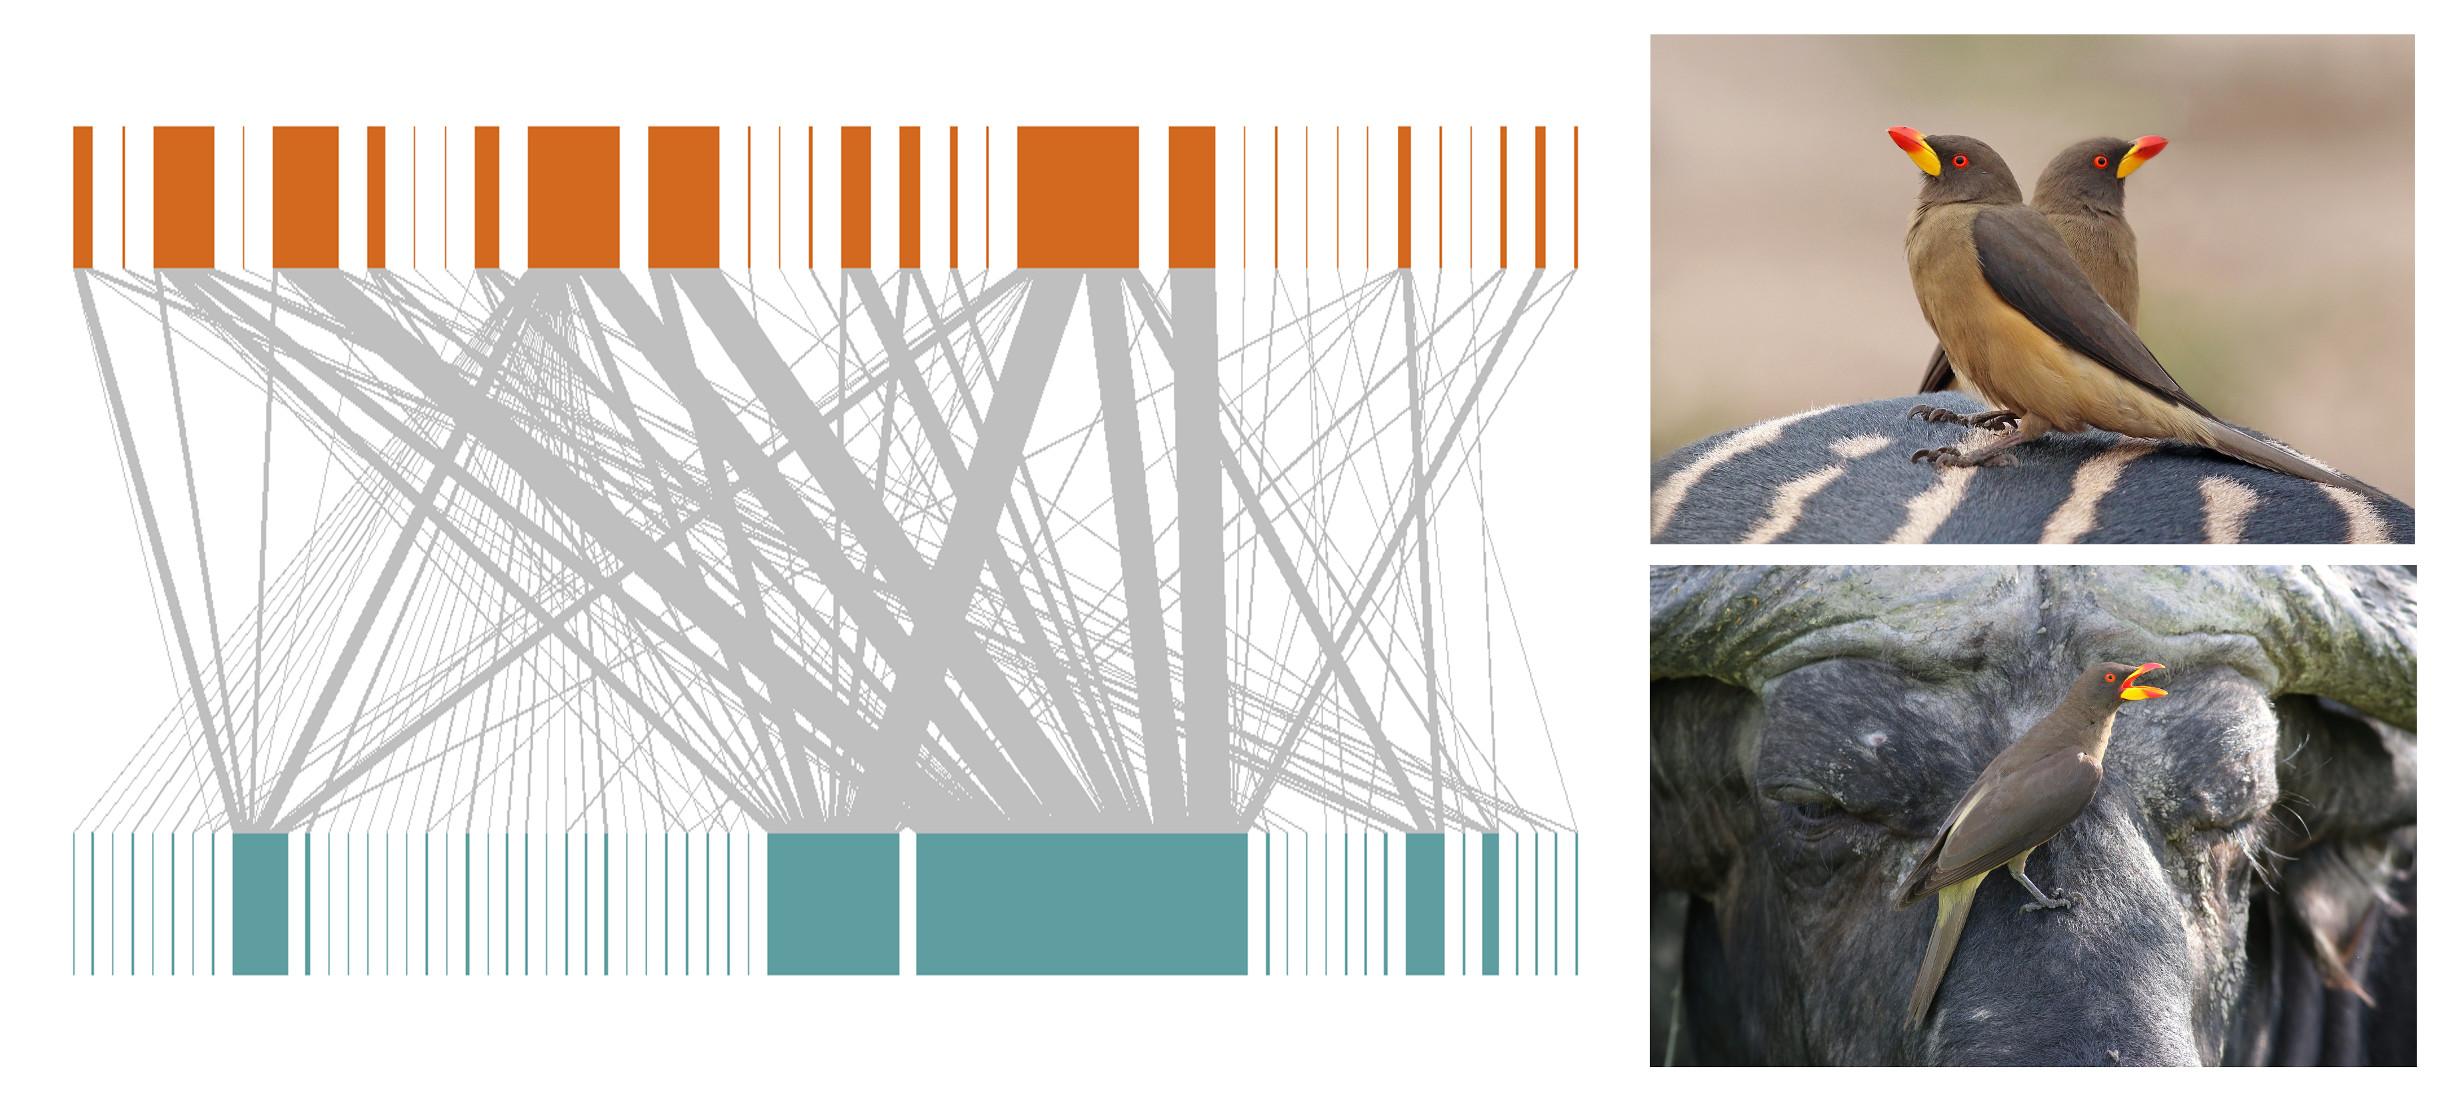 Réseaux quantitatifs d'association d'oiseaux et de mammifères pour les espèces à pique-bœuf et sans pique-bœuf chez les oiseaux africains et les mammifères herbivores révélés par l'analyse de Google Images